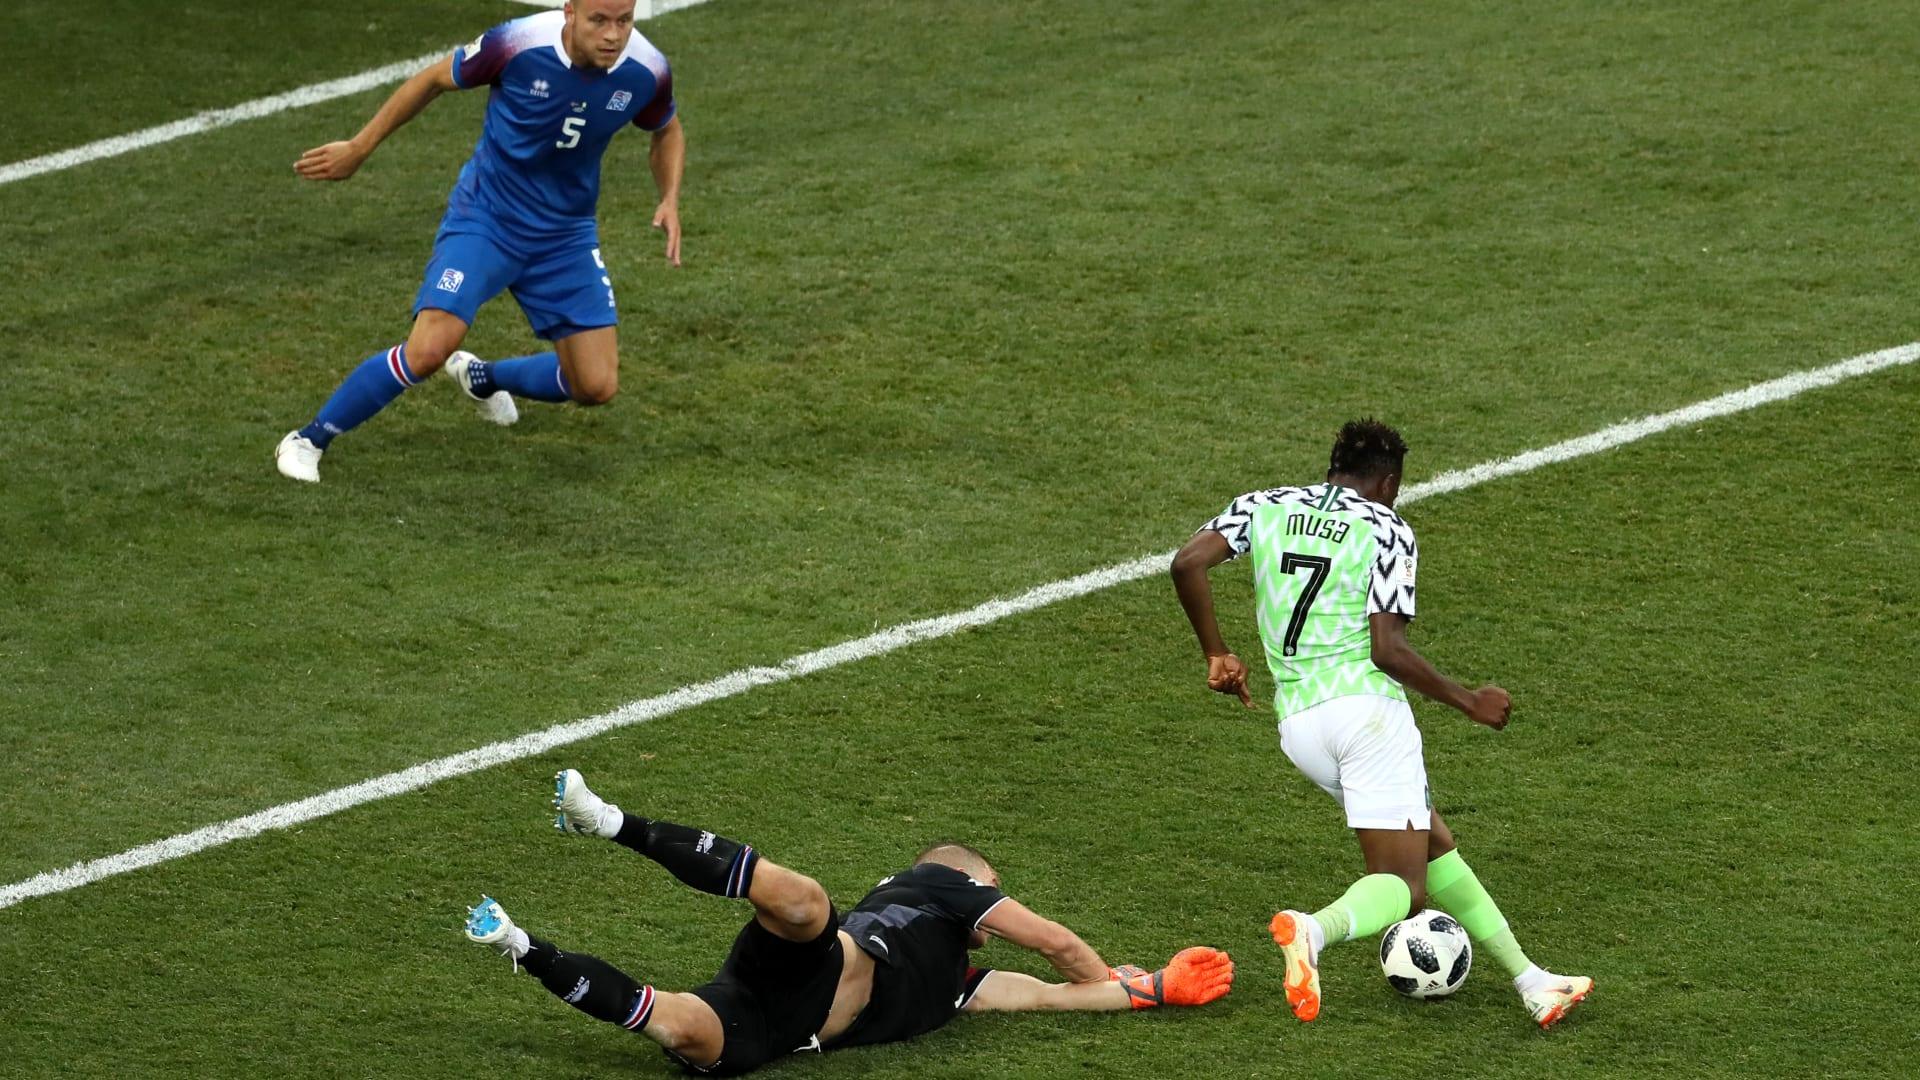 شاهد.. دقيقة حداد على الهواء مباشرة بعد خسارة الأرجنتين